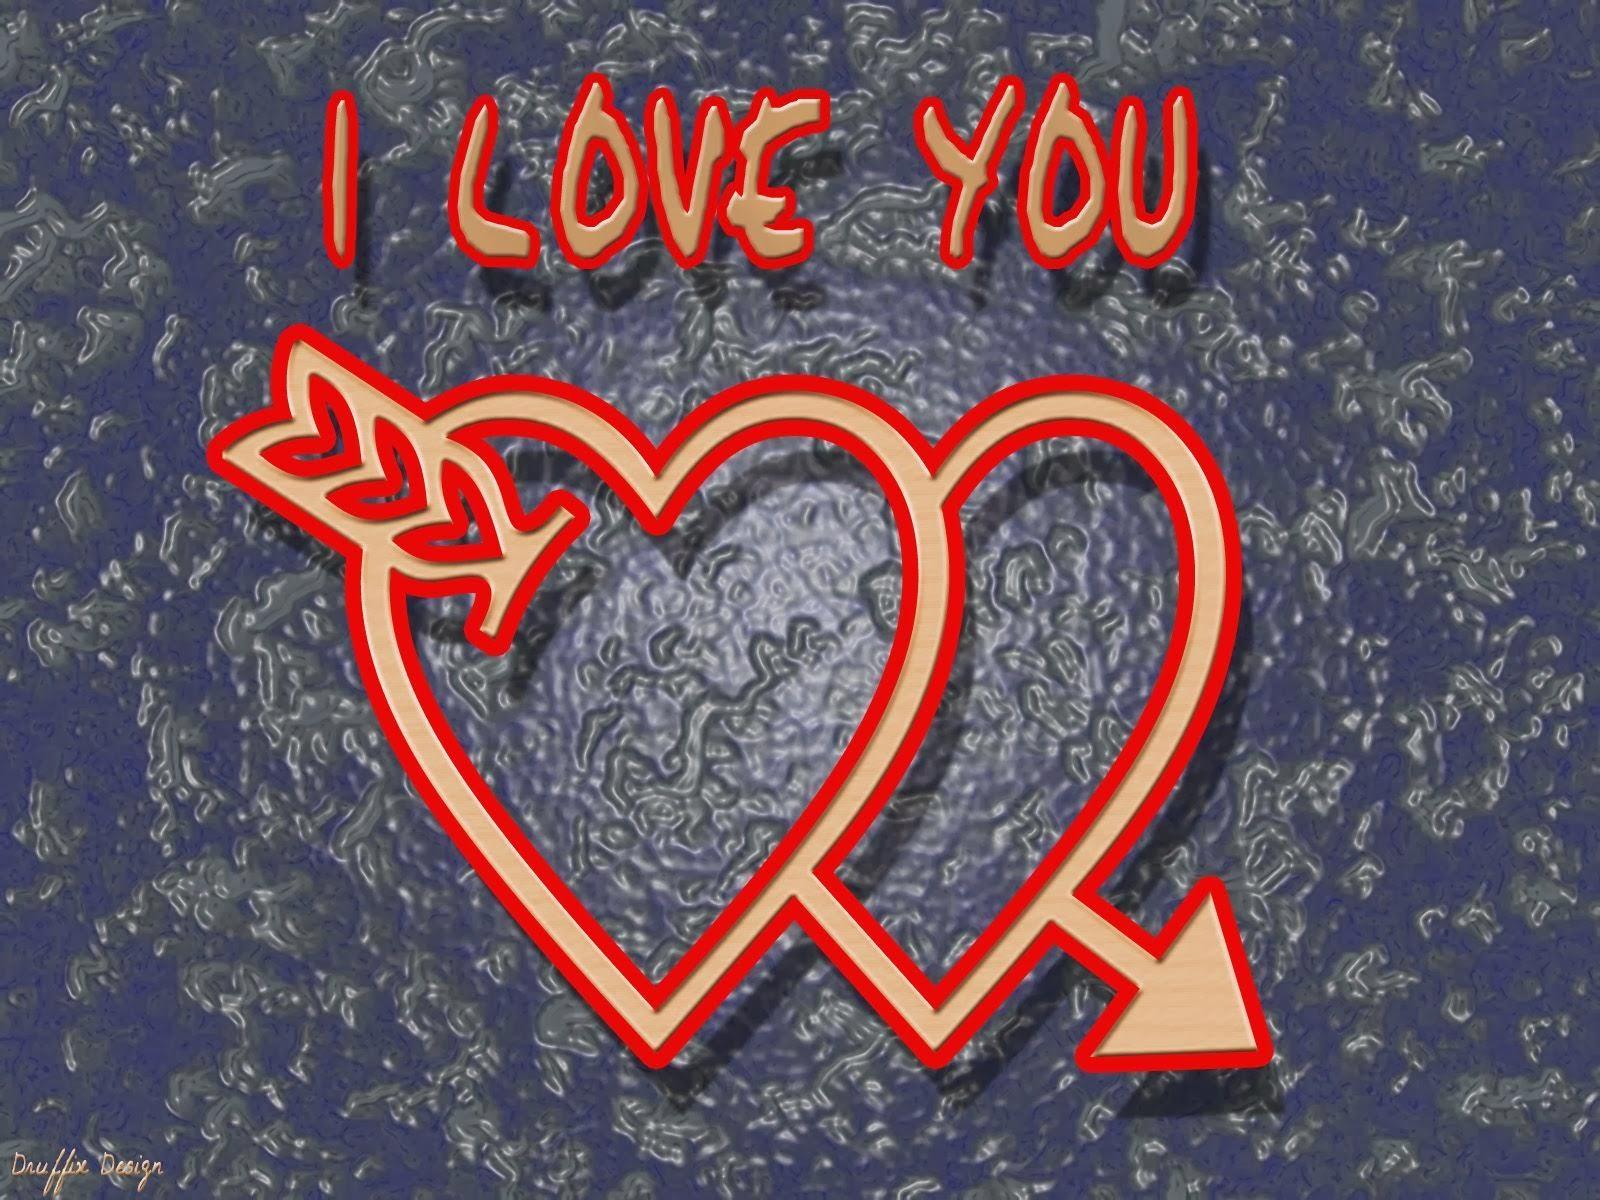 Gambar kaligrafi i love you khazanah islam